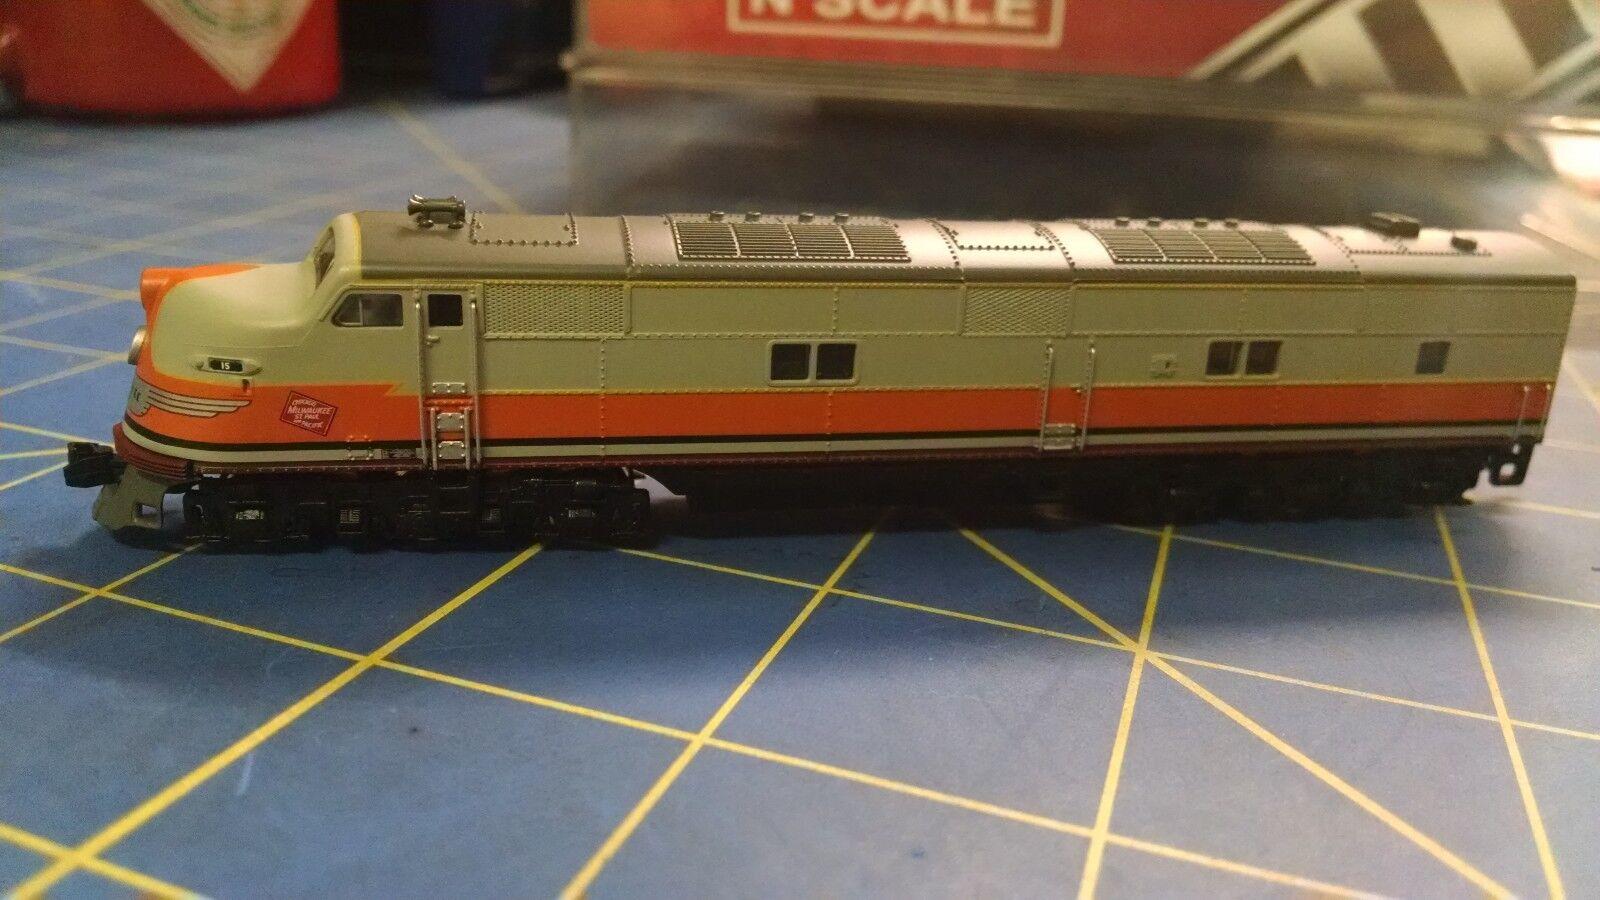 Broadway Limited importaciones 3021 EMD E6A, Milw 15B Locomotora Mid America napervil